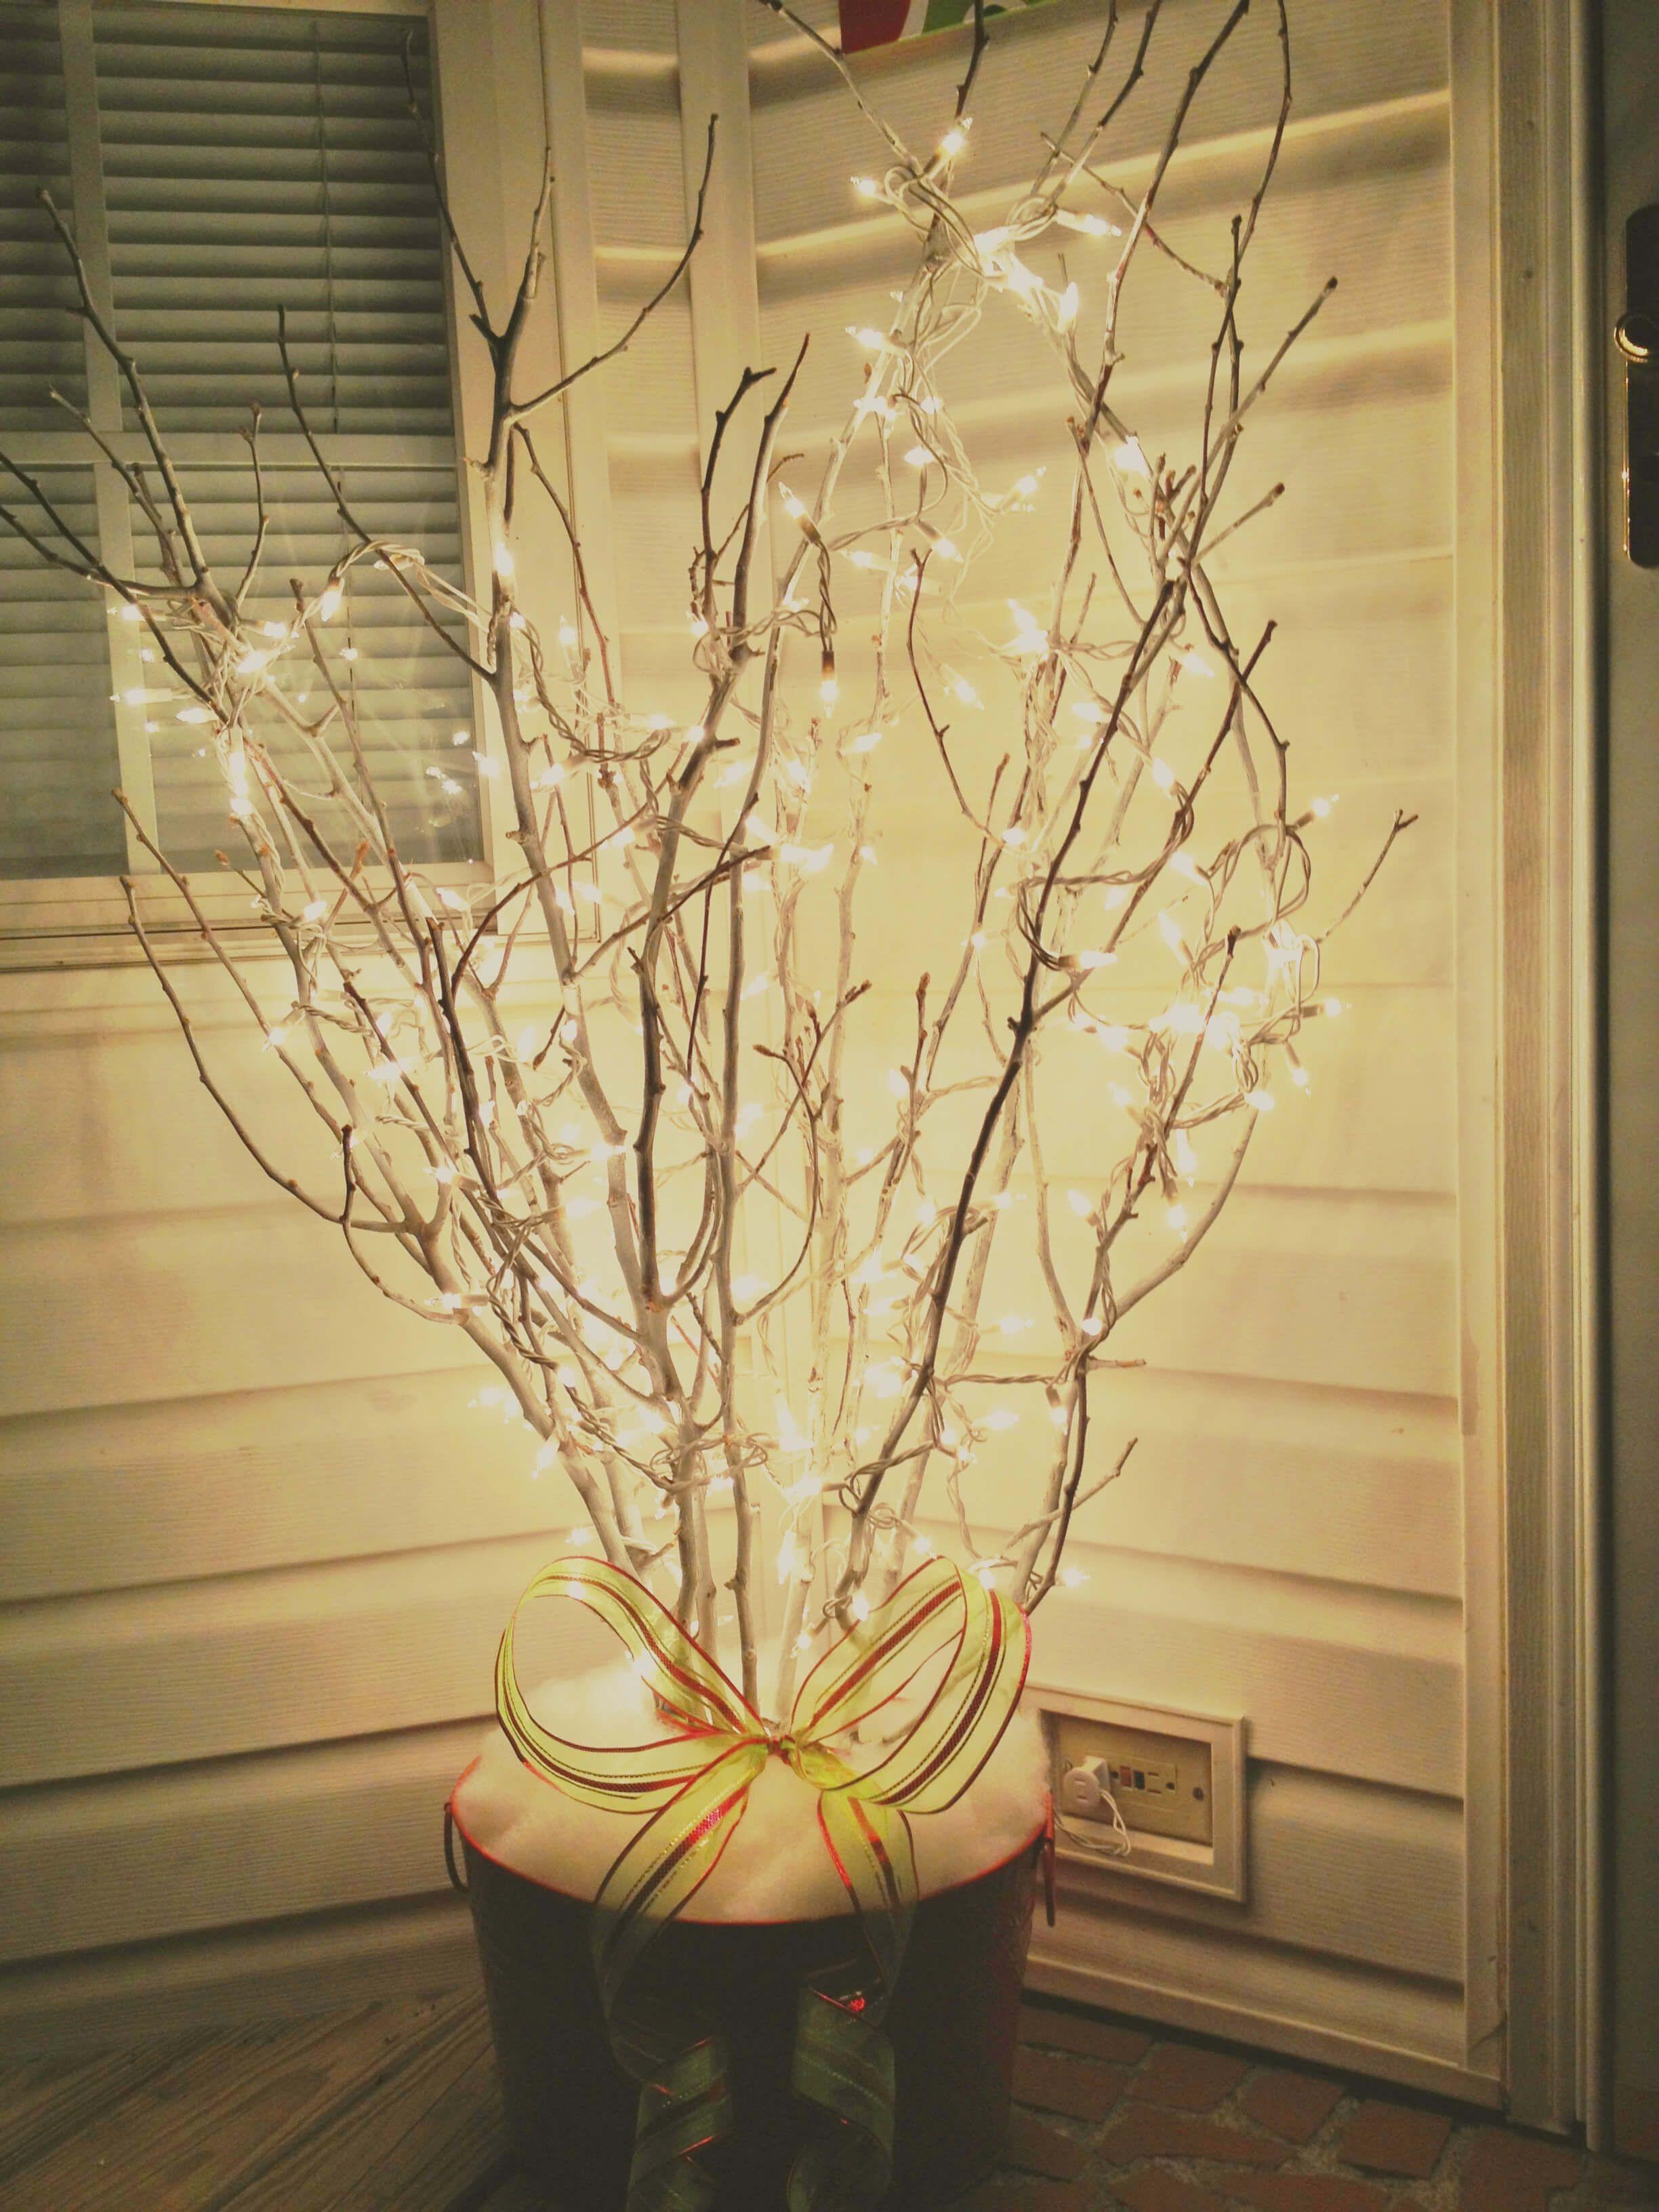 35 festliche outdoor urlaub pflanzer ideen um ihre veranda zu weihnachten zu dekorieren. Black Bedroom Furniture Sets. Home Design Ideas